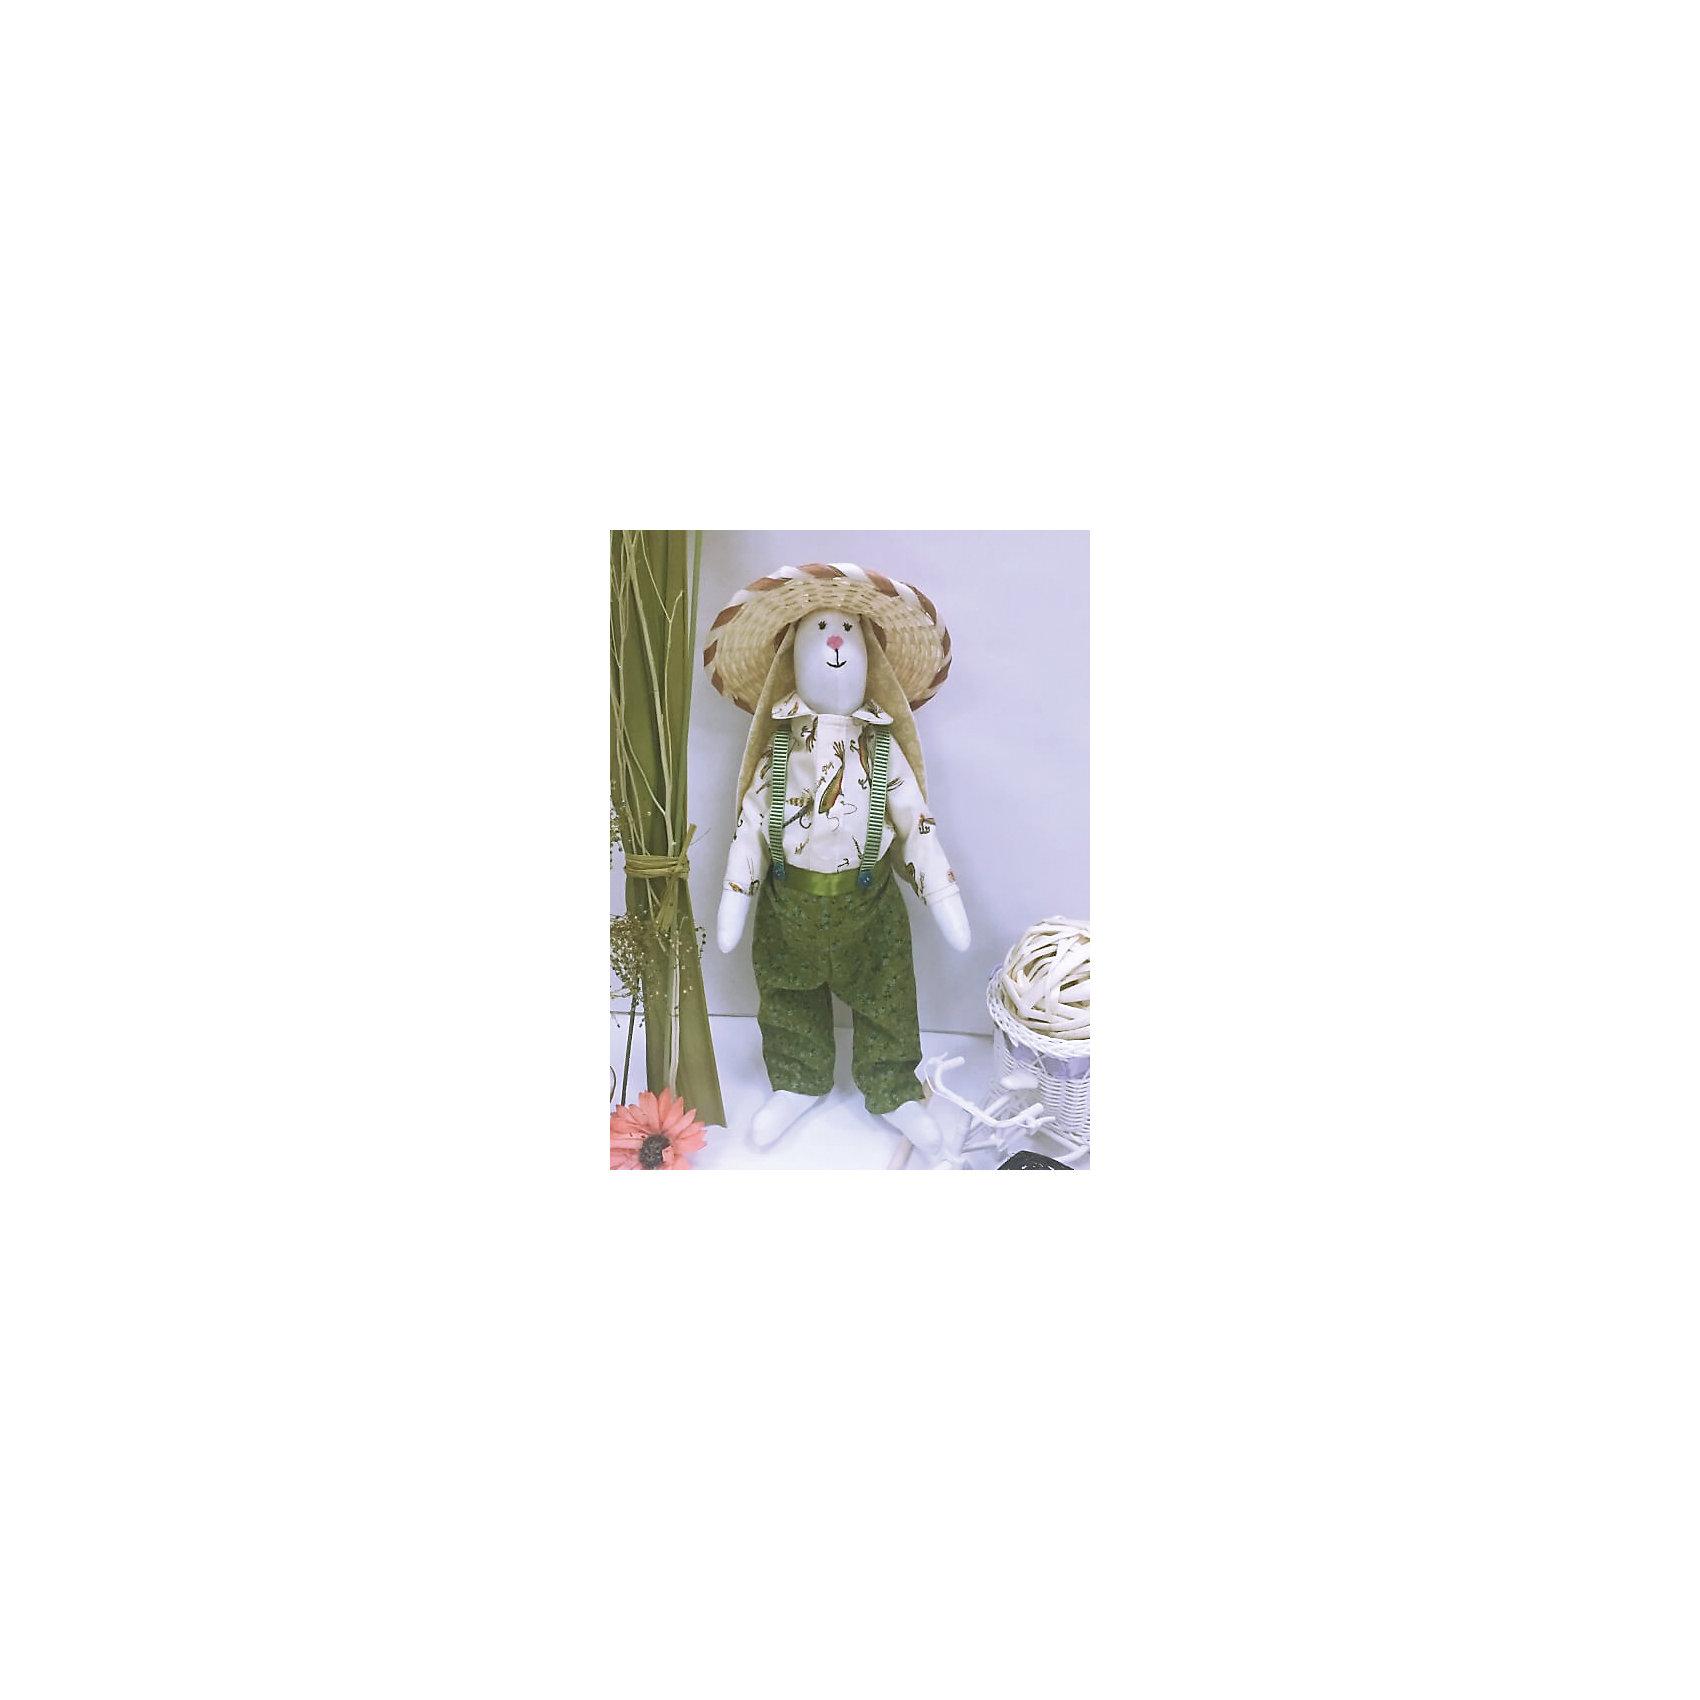 Набор для шитья Зайка ПасечникШитьё<br>В набор входит выкройка, подробная инструкция, лекало, мел, булавки, нитки, наполнитель-холлафайбер, ленты и аксессуары для украшения. Игрушка выполняется из специальной несыпучей ткани для печворка. Своими руками Вы создаете дизайнерскую игрушку<br><br>Ширина мм: 250<br>Глубина мм: 20<br>Высота мм: 350<br>Вес г: 500<br>Возраст от месяцев: 120<br>Возраст до месяцев: 180<br>Пол: Унисекс<br>Возраст: Детский<br>SKU: 5350869